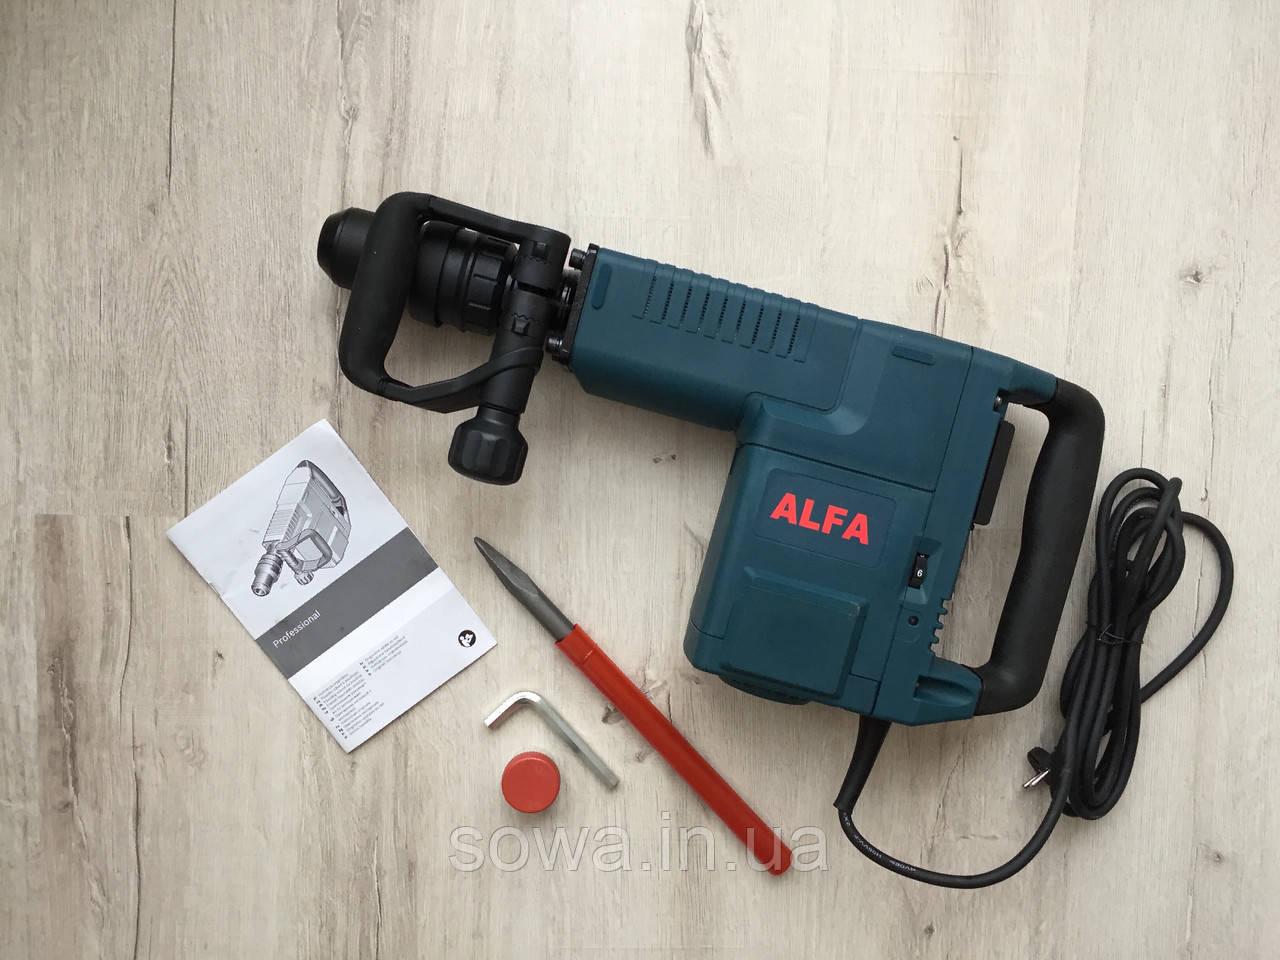 ✔️ Електричний відбійник AL-FA RH229